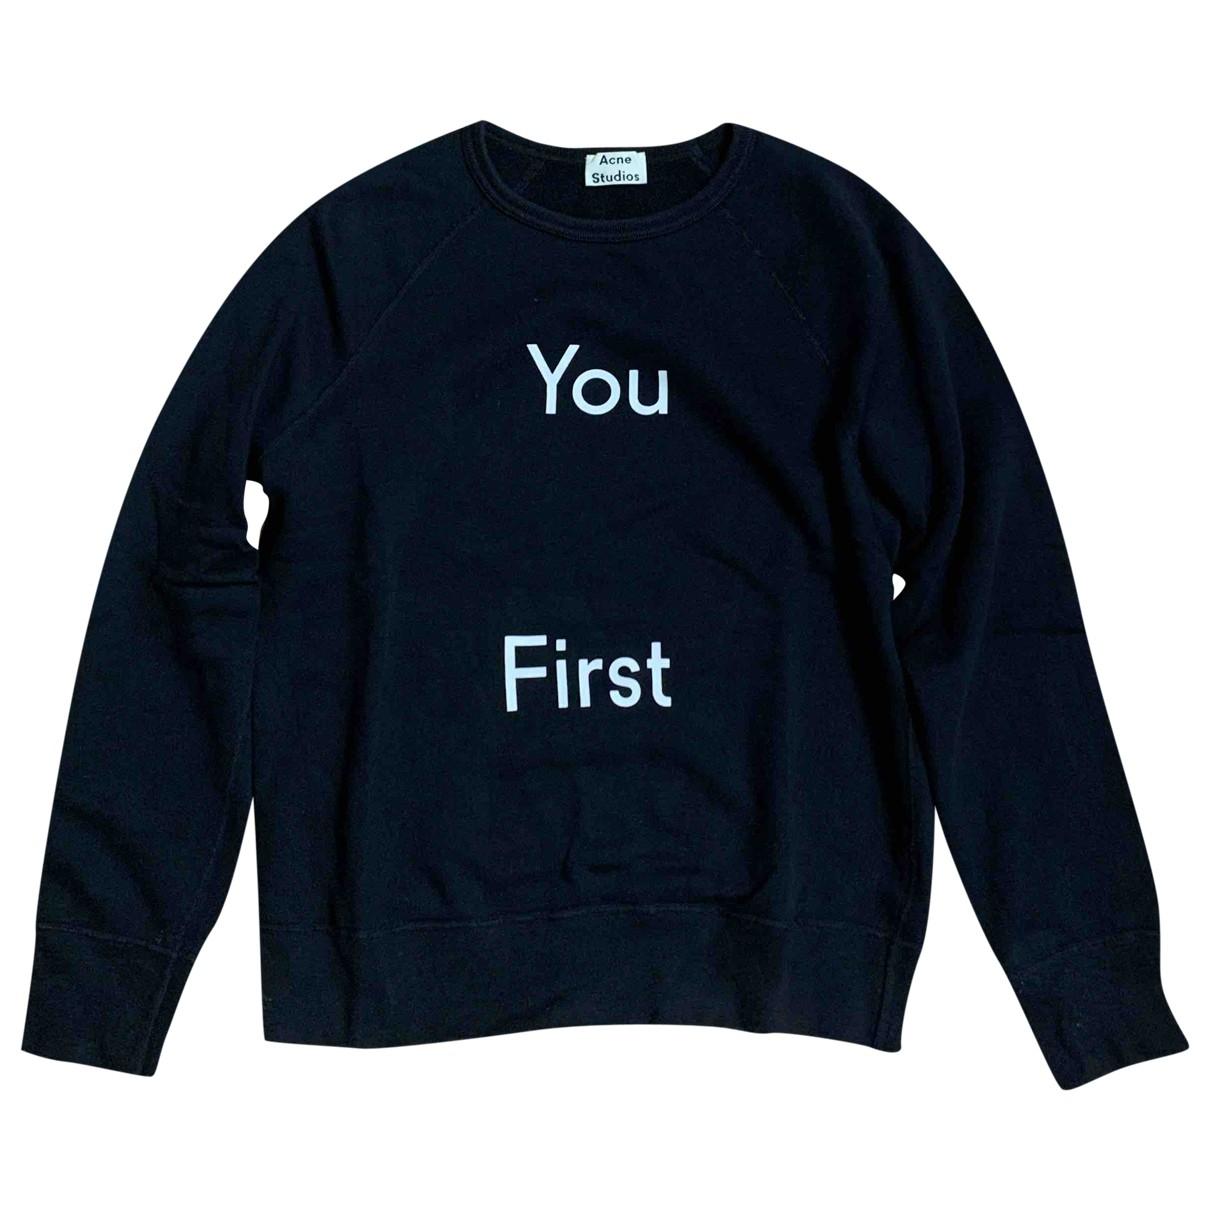 Acne Studios - Tee shirts   pour homme en coton - noir